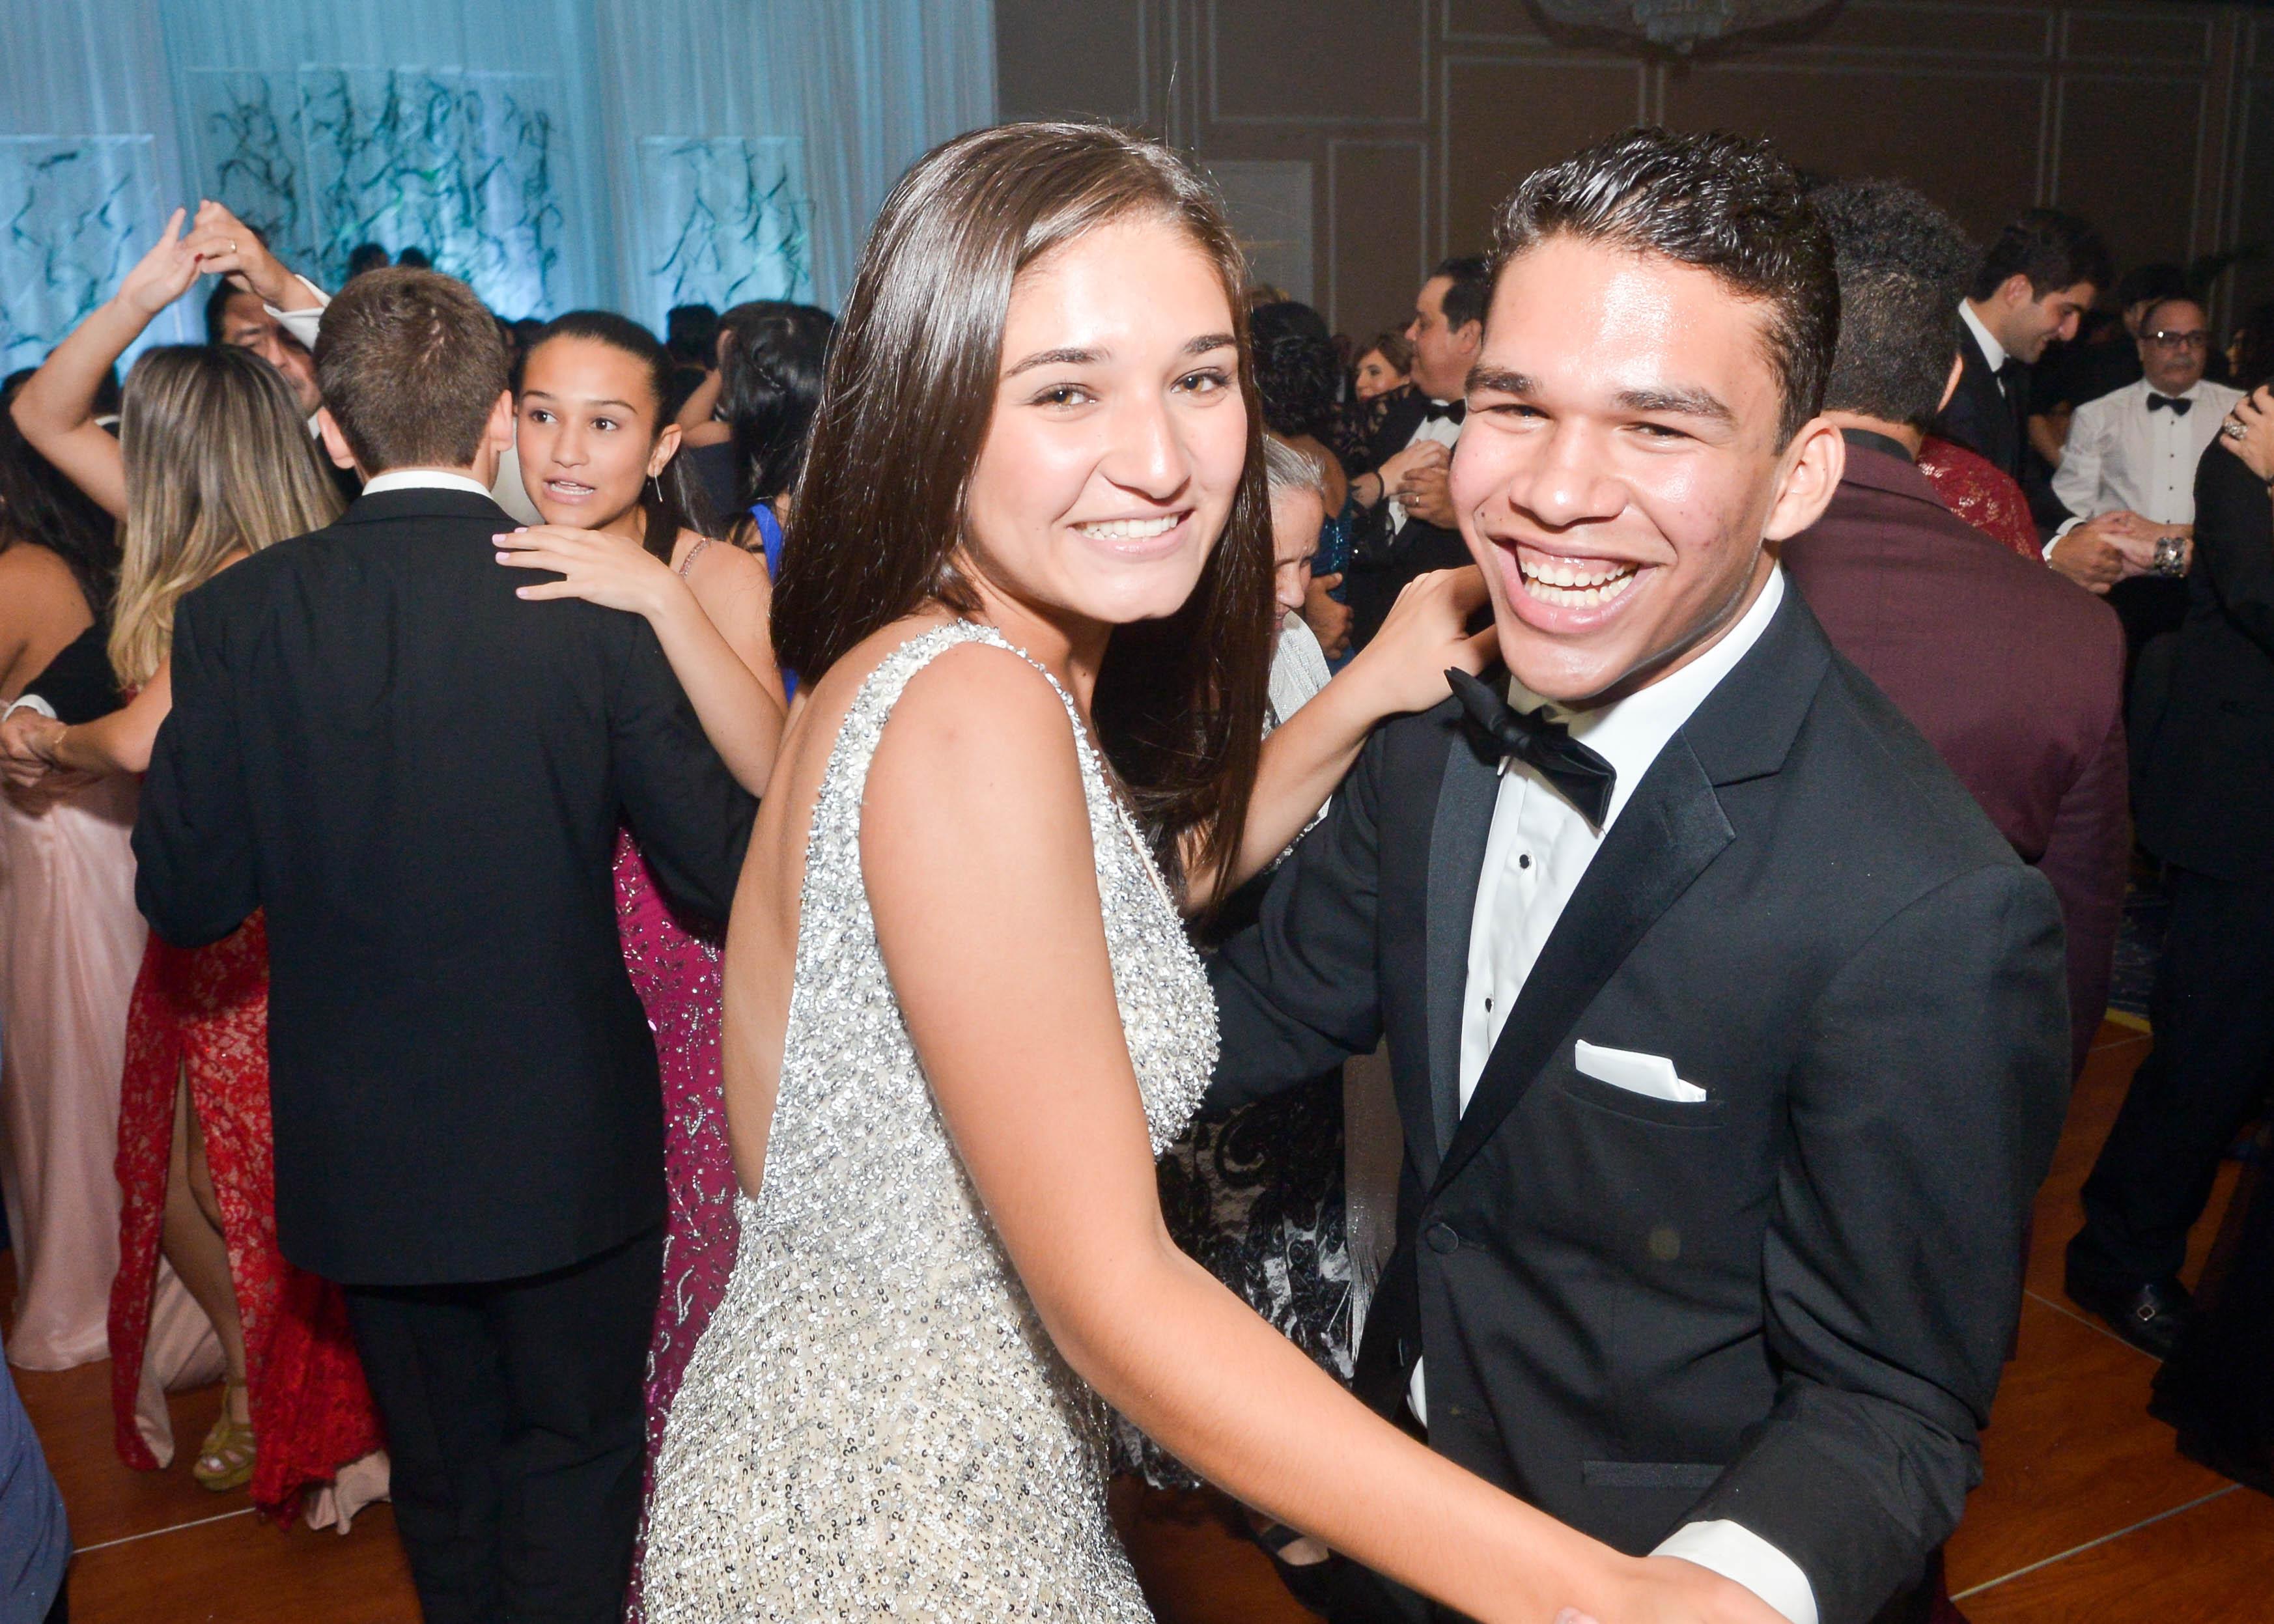 Adriana Cabrera y Raúl Mariani. Foto Enid M. Salgado Mercado.